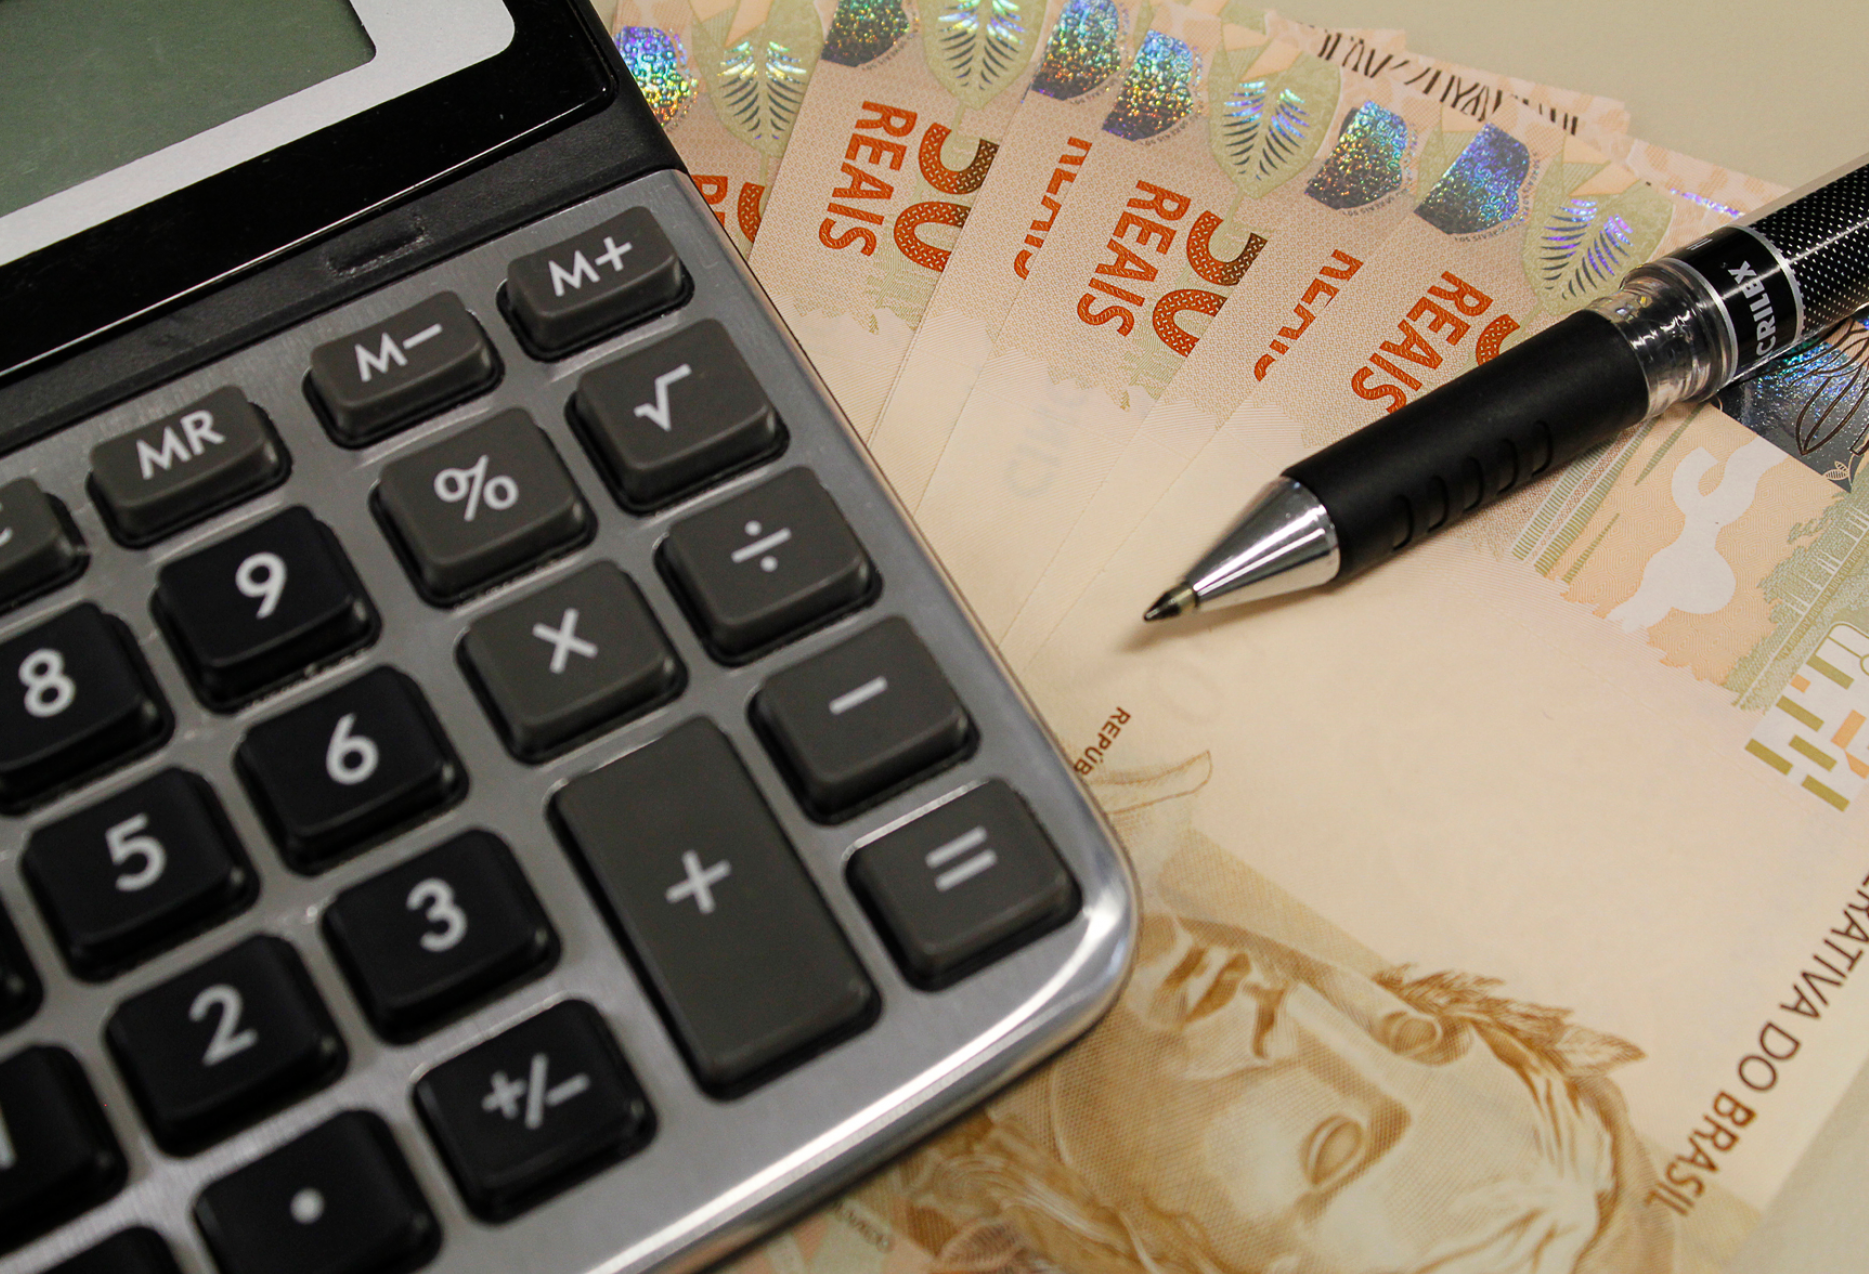 14 estados gastaram mais de 60% de seus recursos com a folha de pagamento